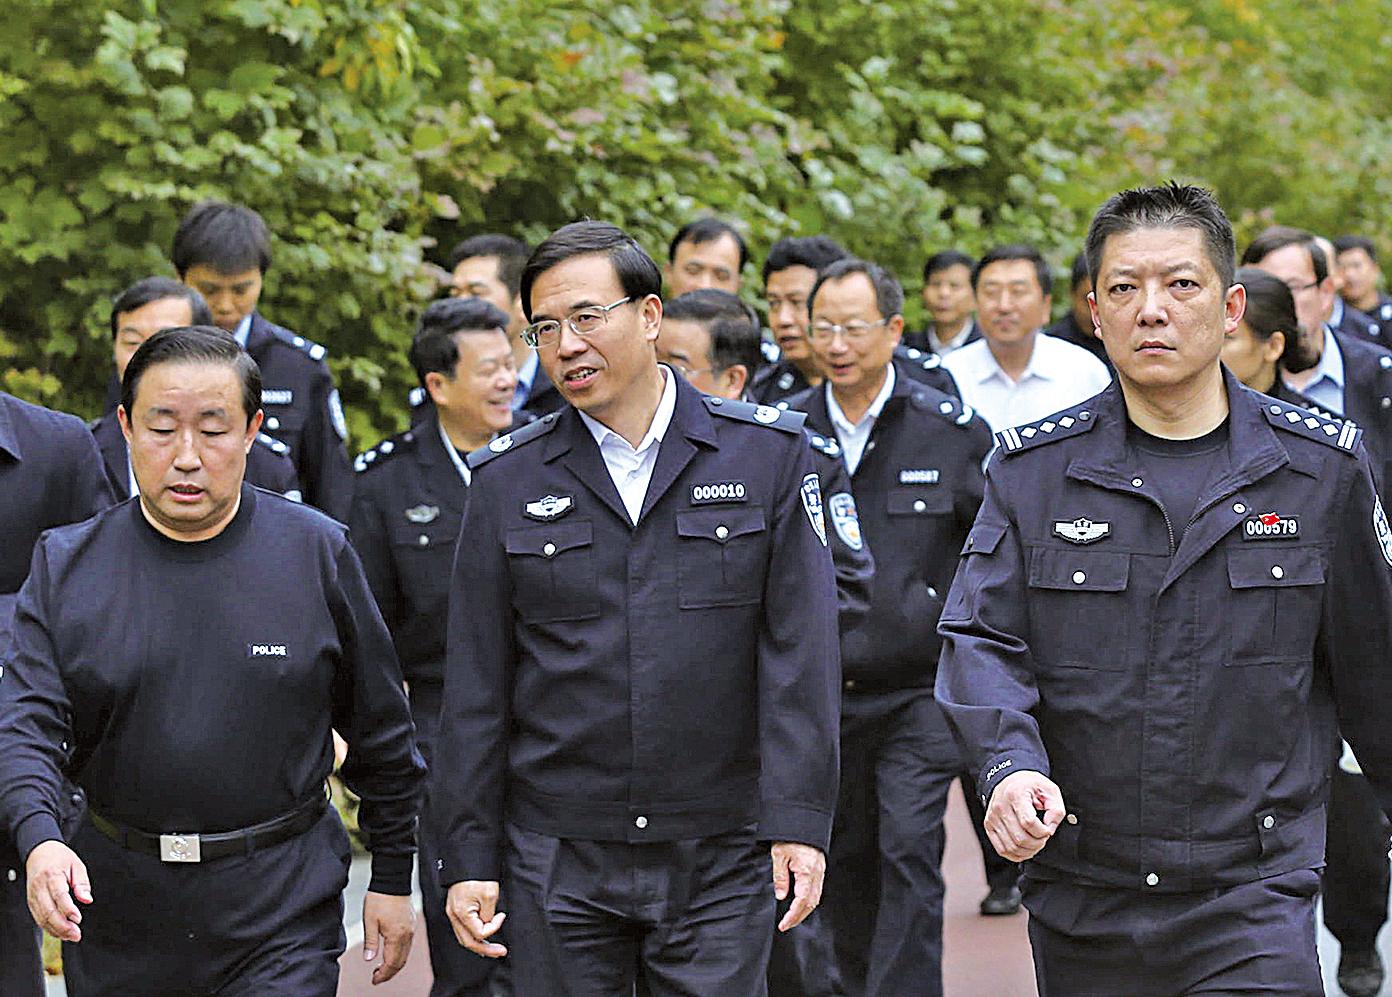 中共公安部政治部主任夏崇源(中)的簡歷被從公安部官網撤下。(大紀元資料室)